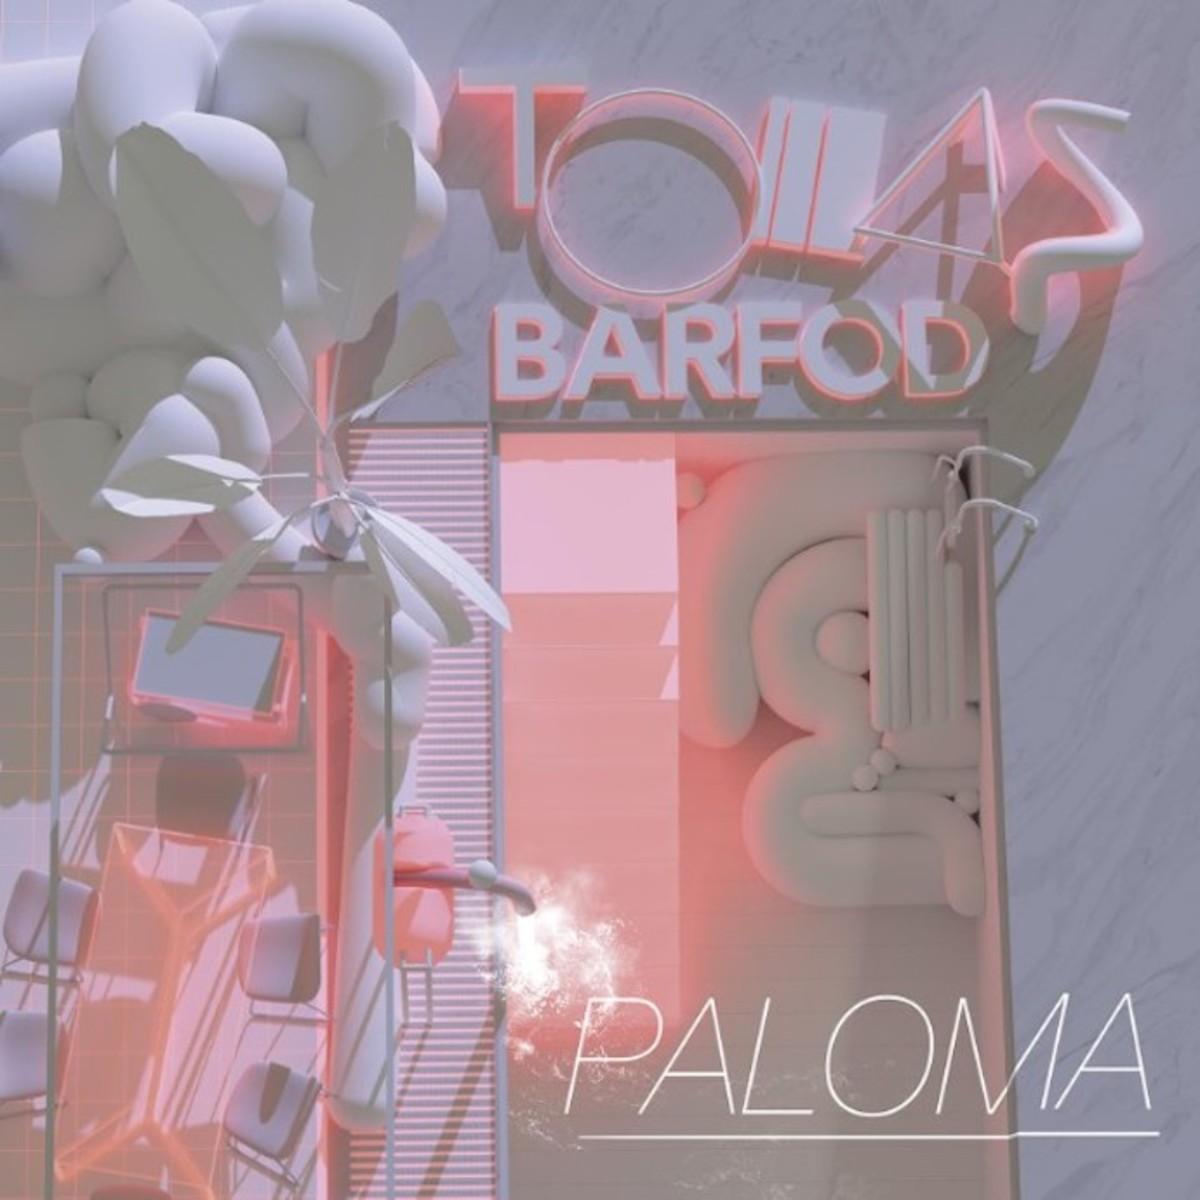 Tomas Barfod Paloma